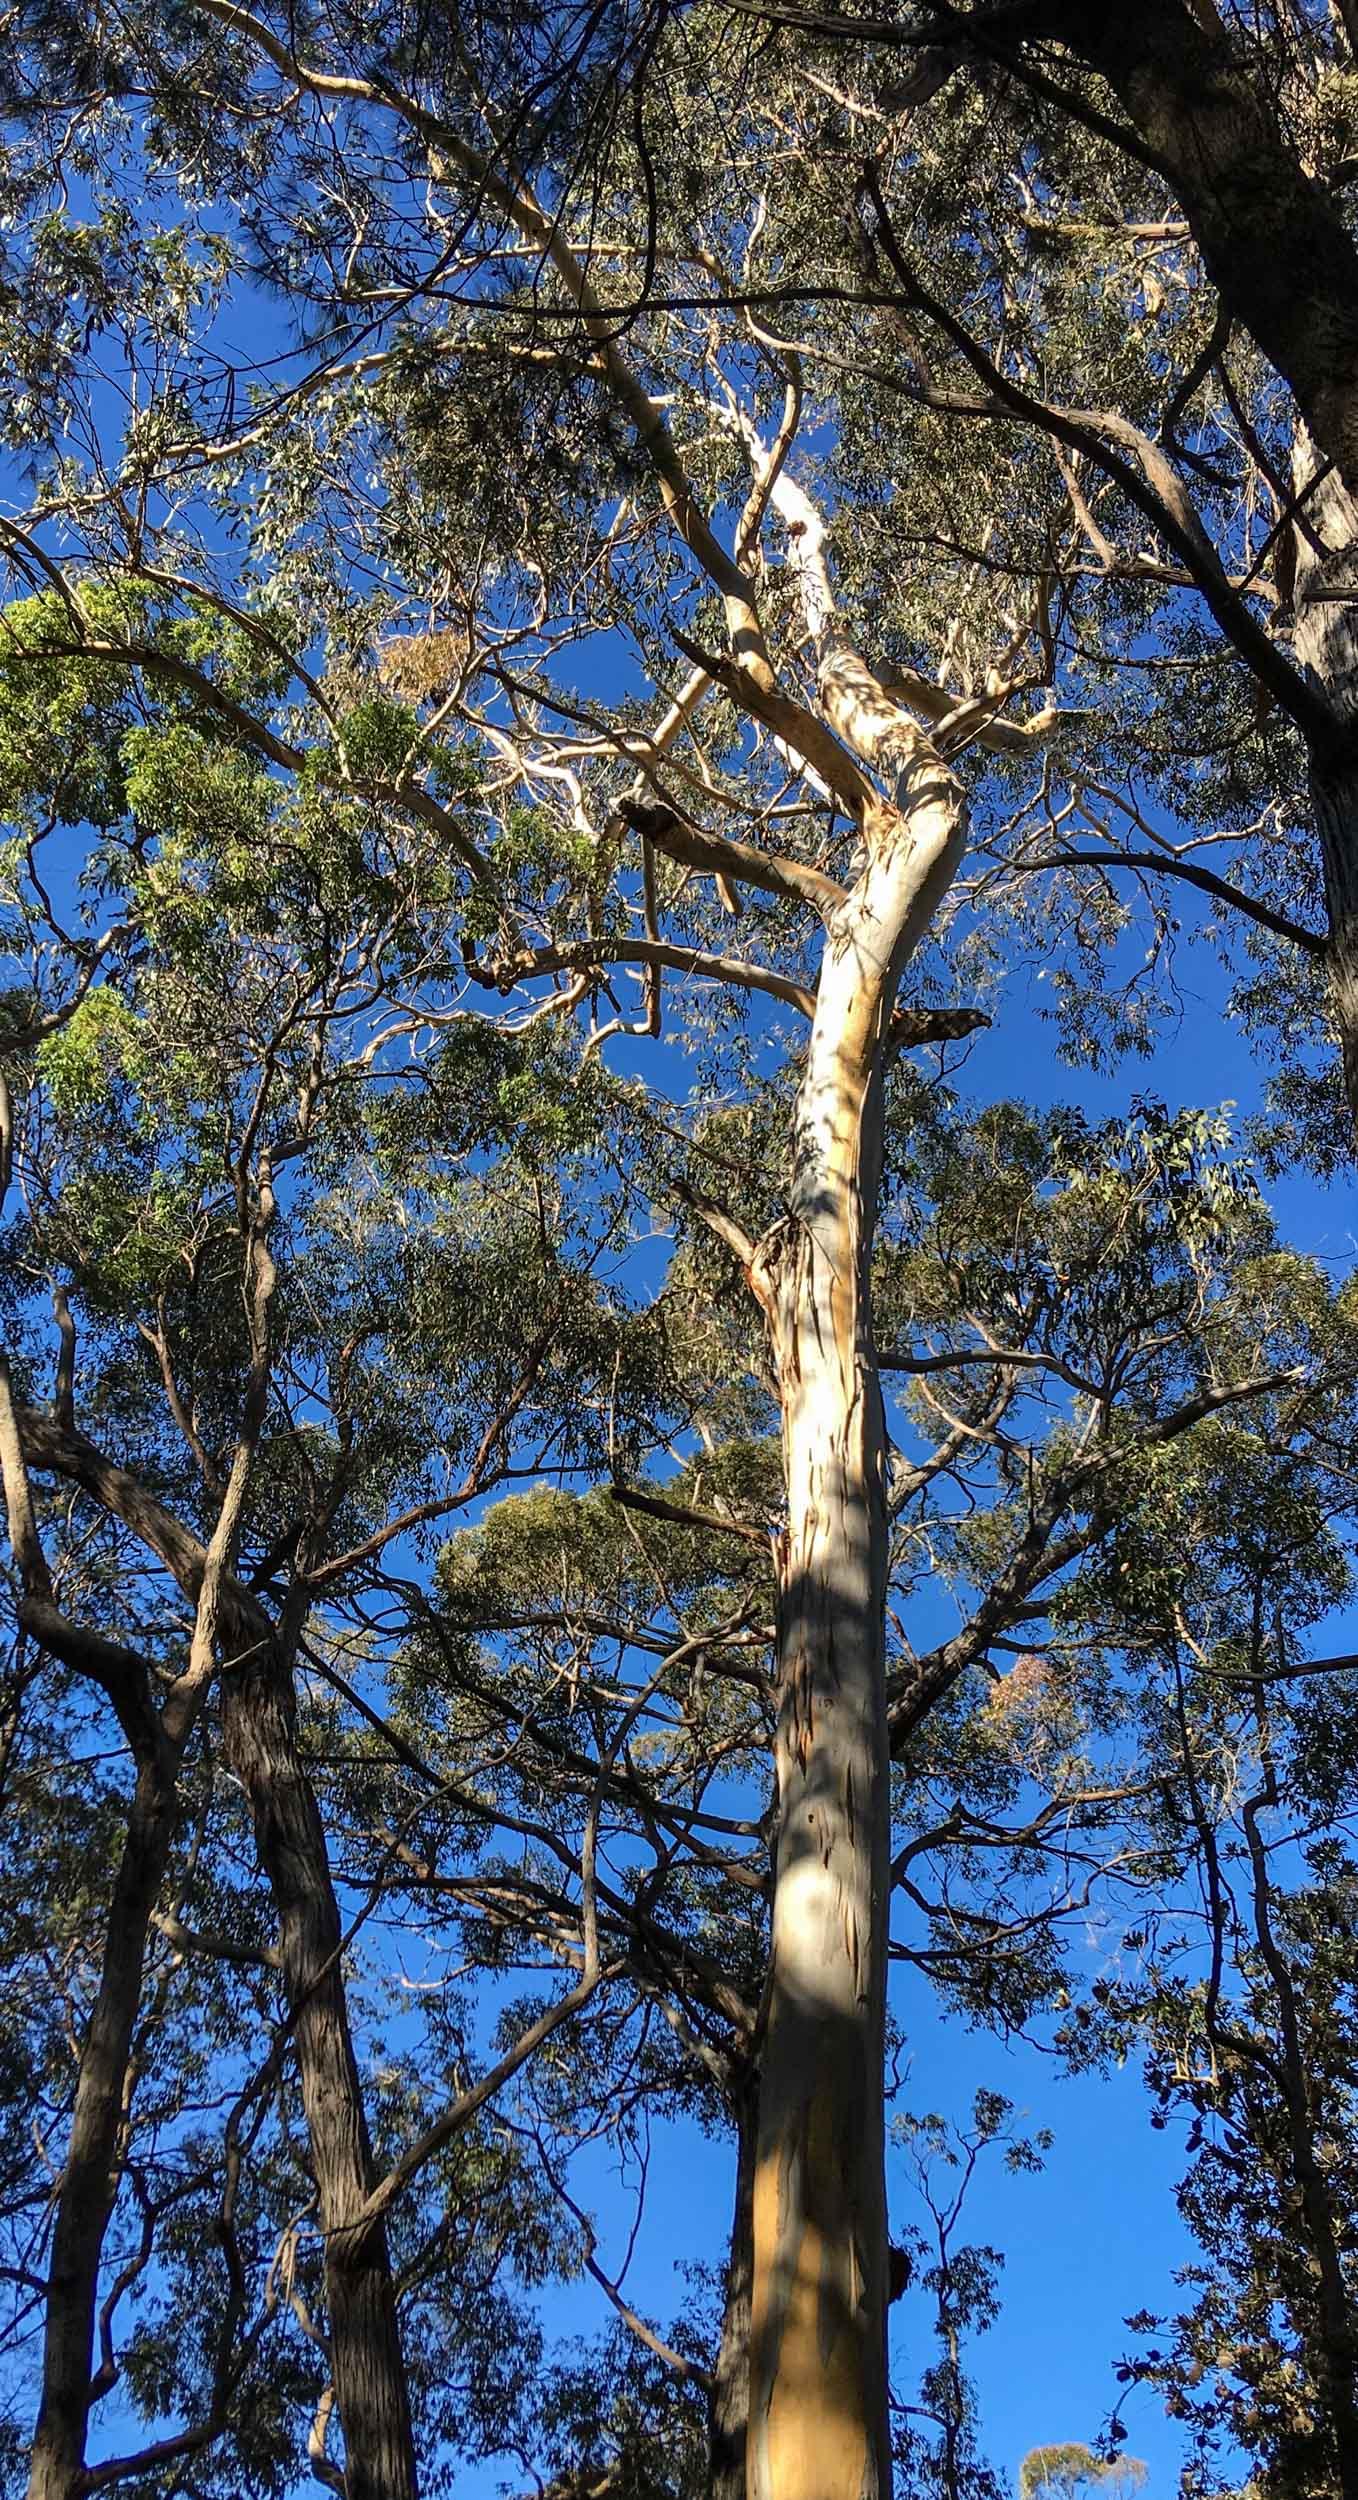 Eucalyptus cypellocarpa